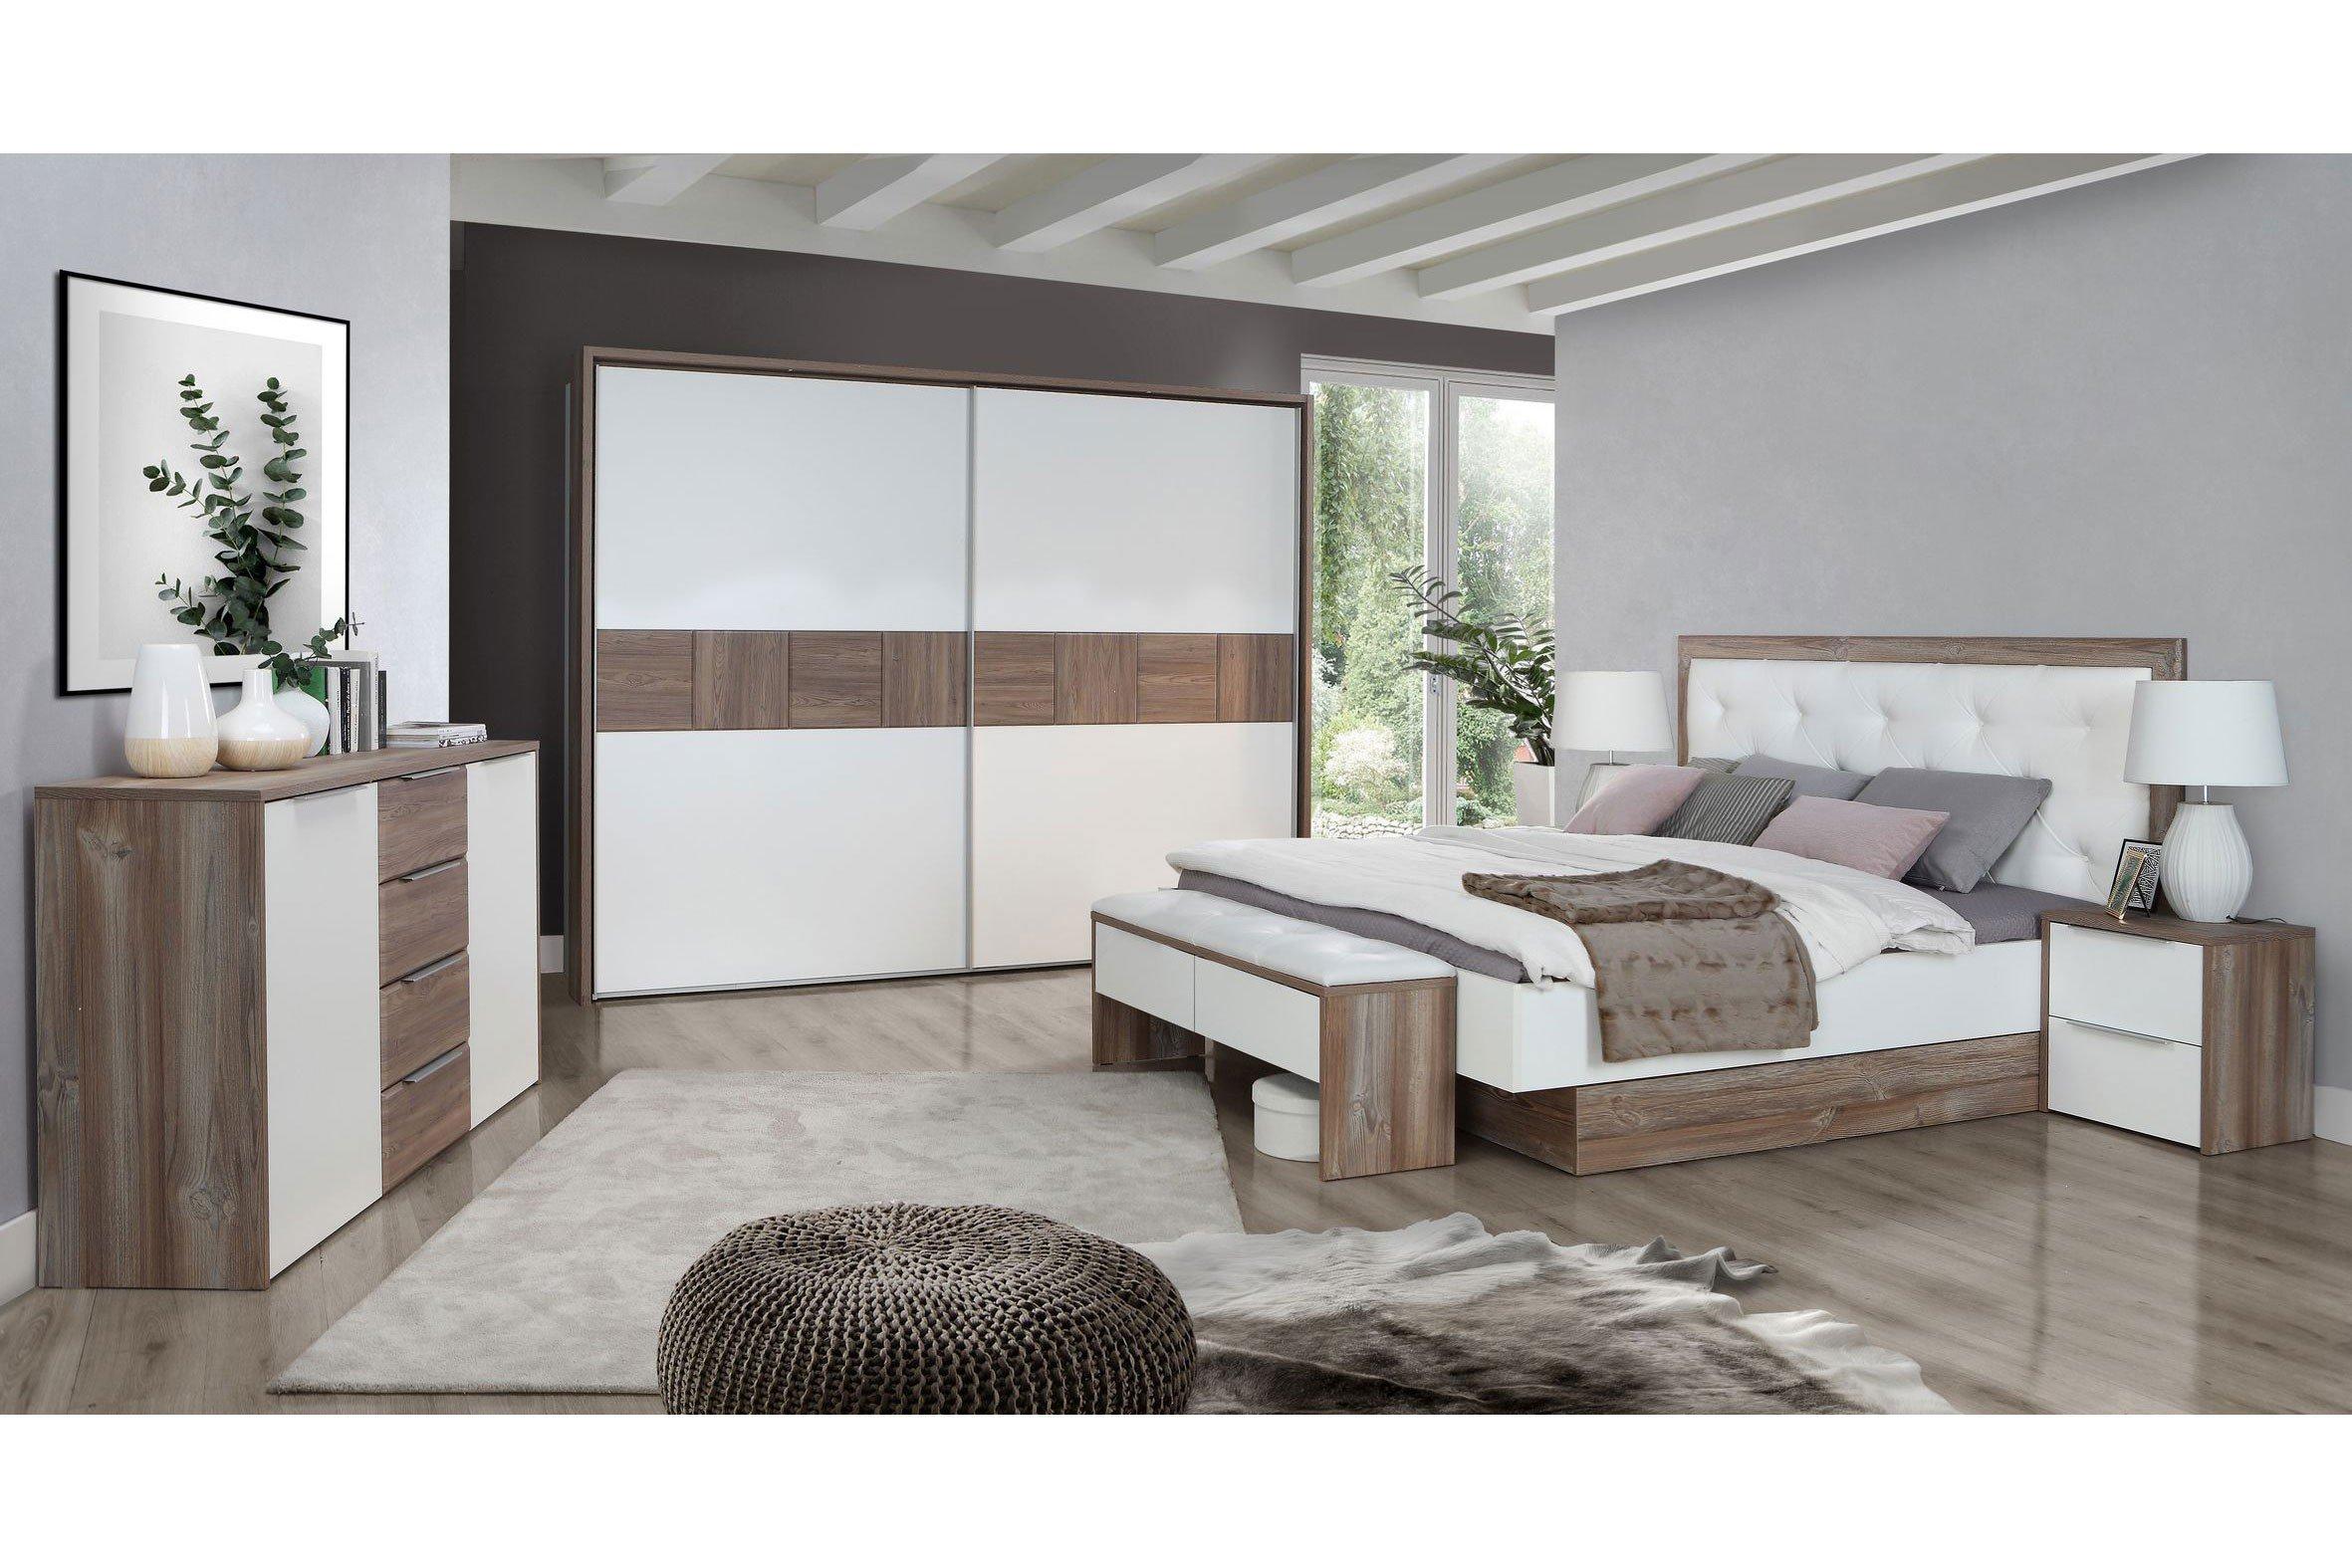 Forte Esporao Schlafzimmer weiß - Picea Nachbildung | Möbel Letz ...